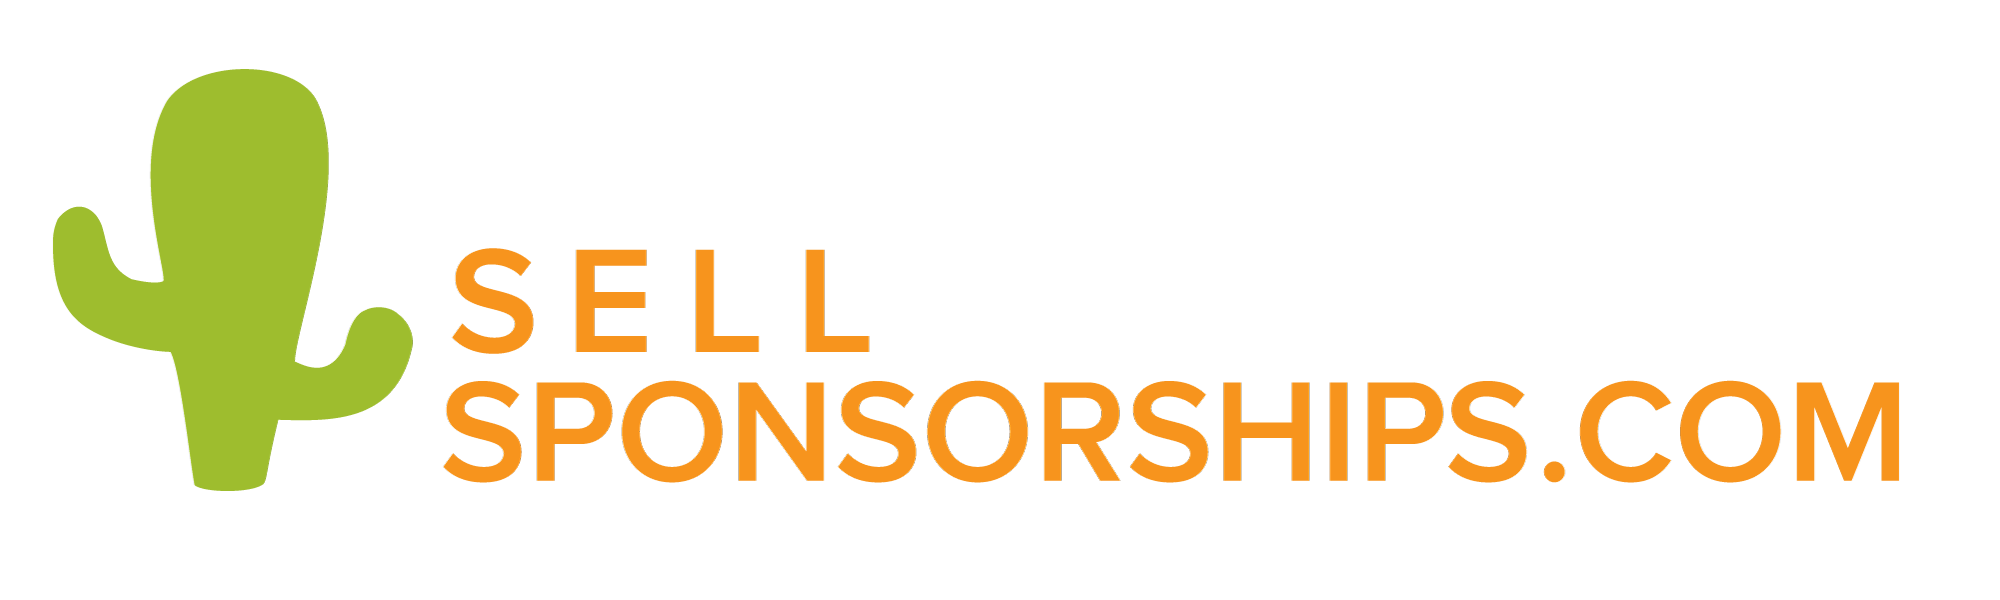 Sell Sponsorships